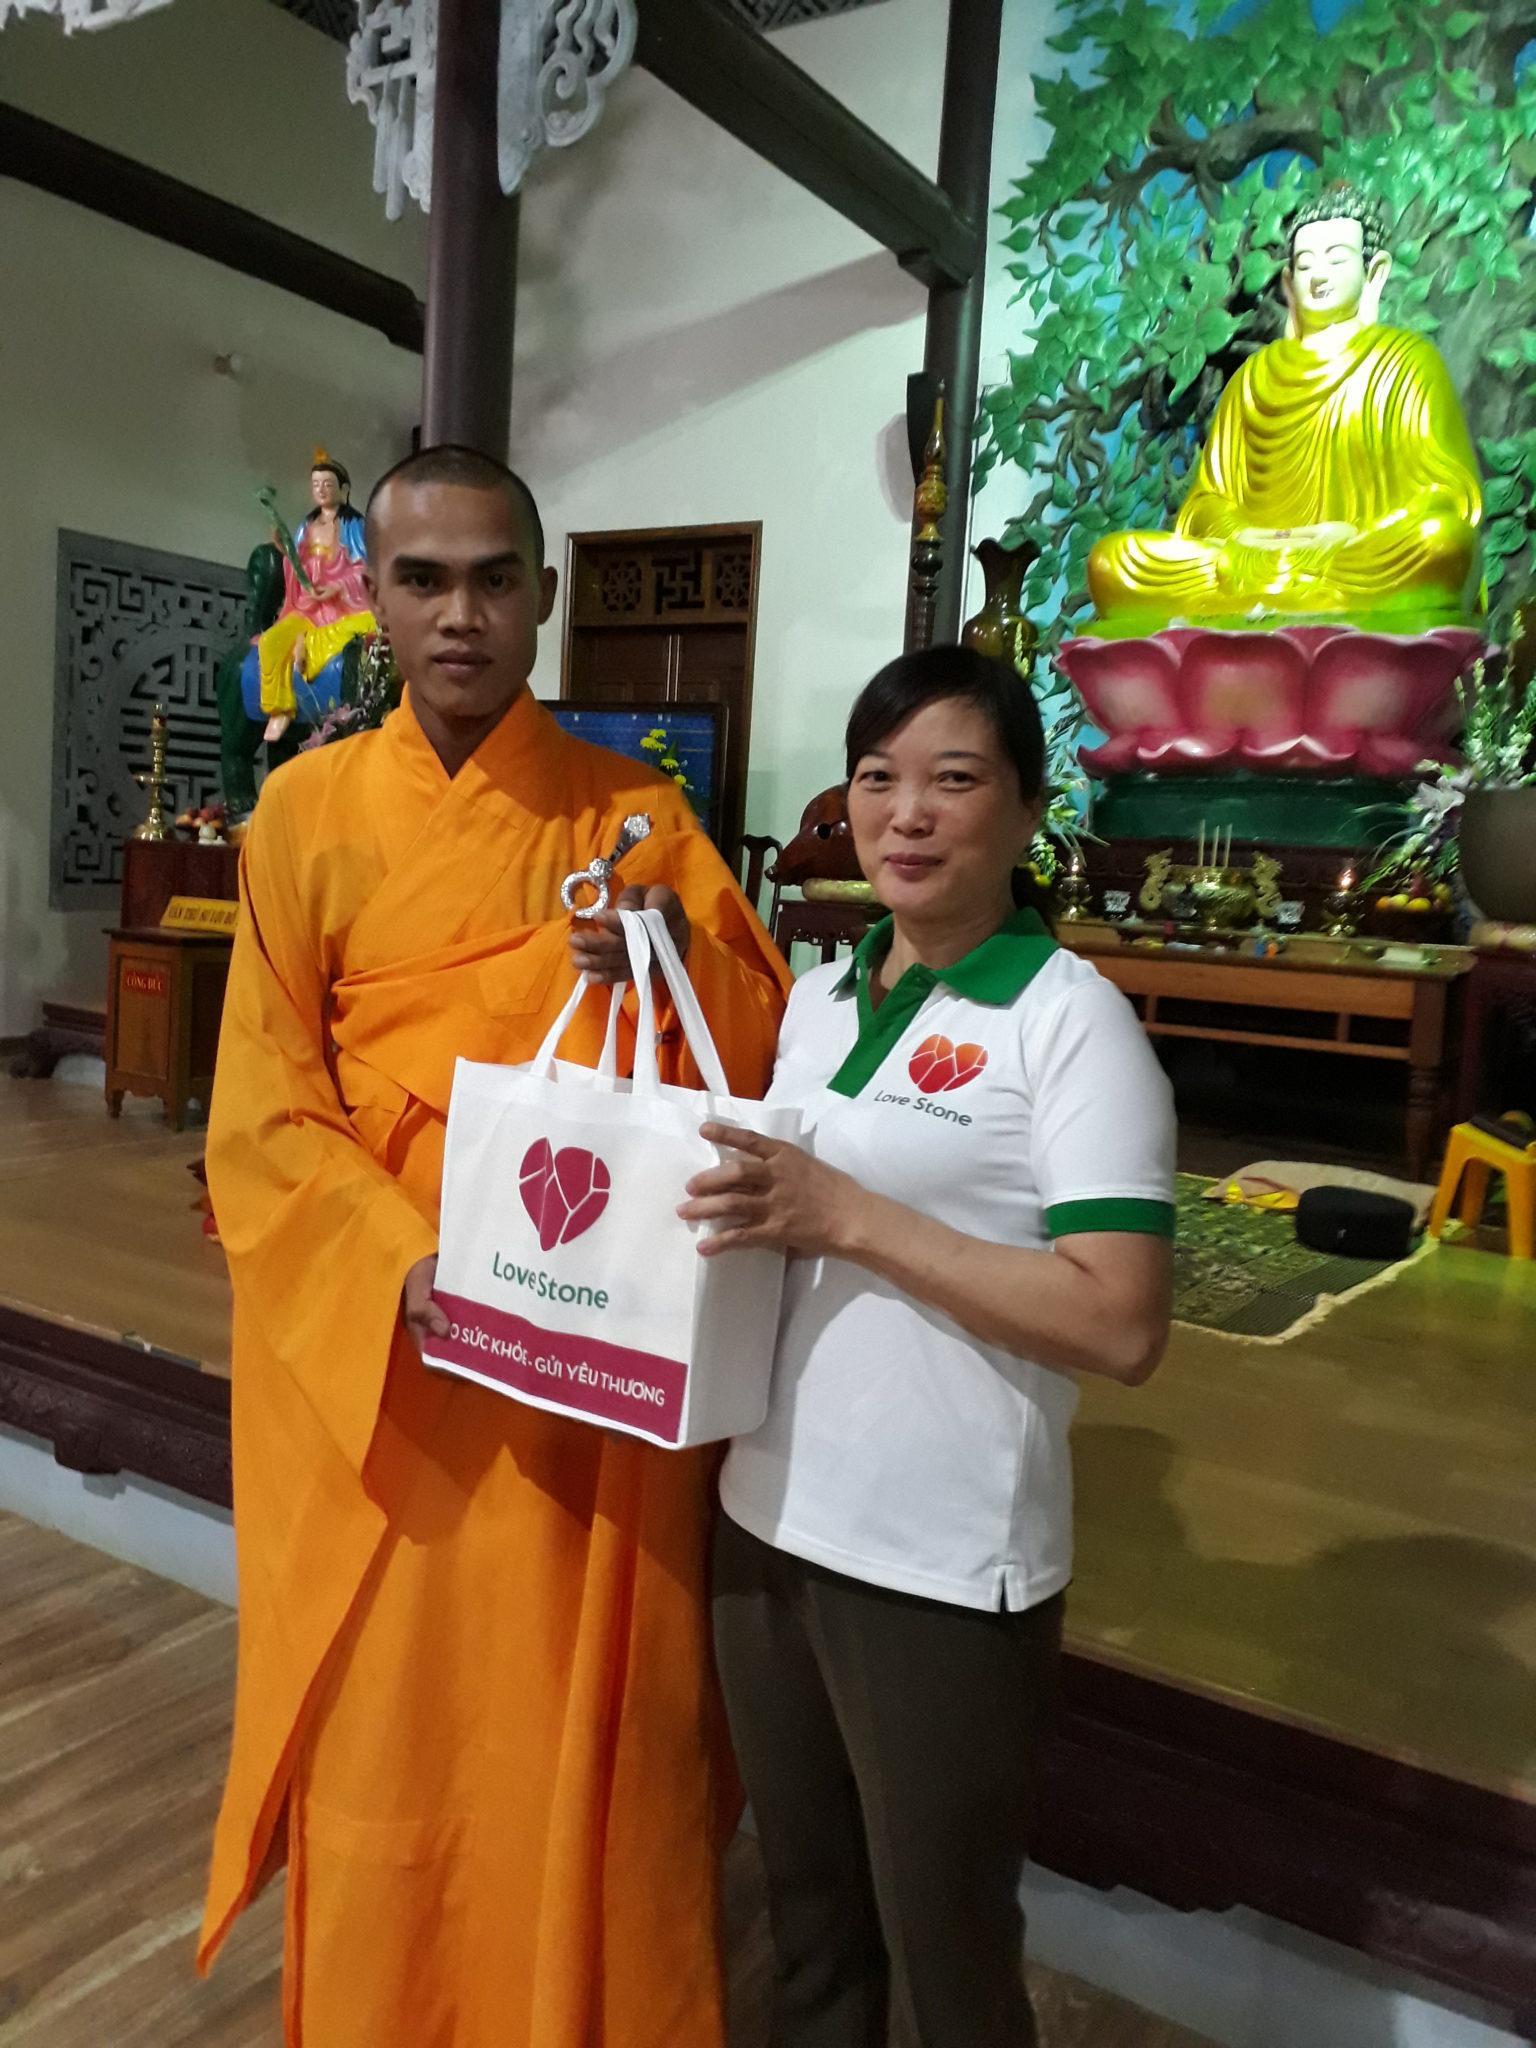 Hành trình 1000 ngôi chùa - kỳ 3: Trao yêu thương cùng đại sứ Đắk Nông